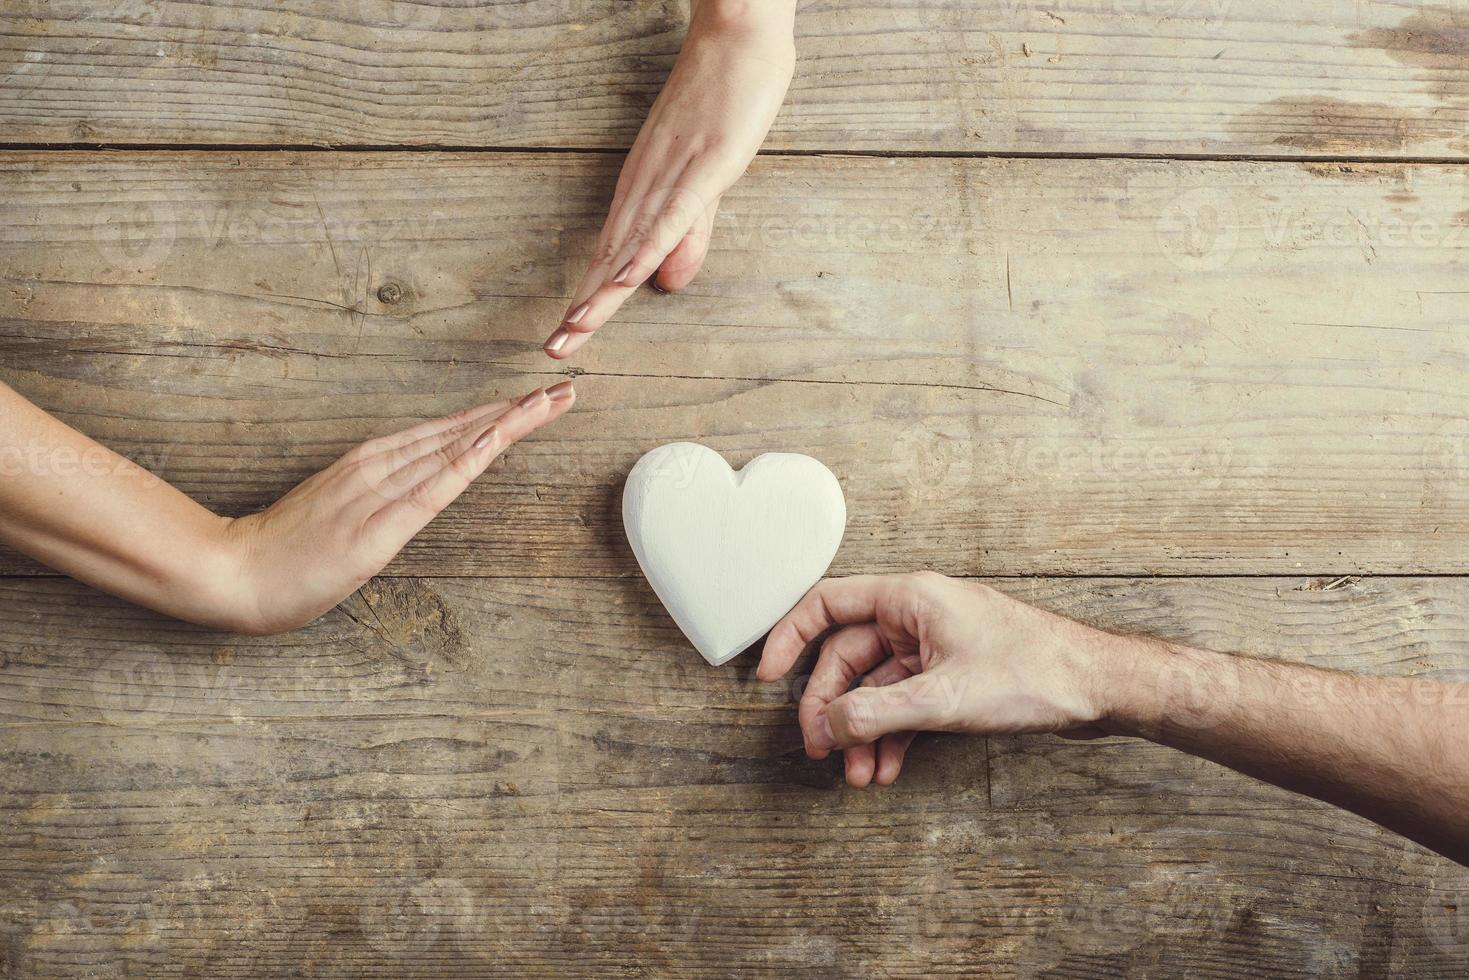 homme offrant un cœur à une femme. photo